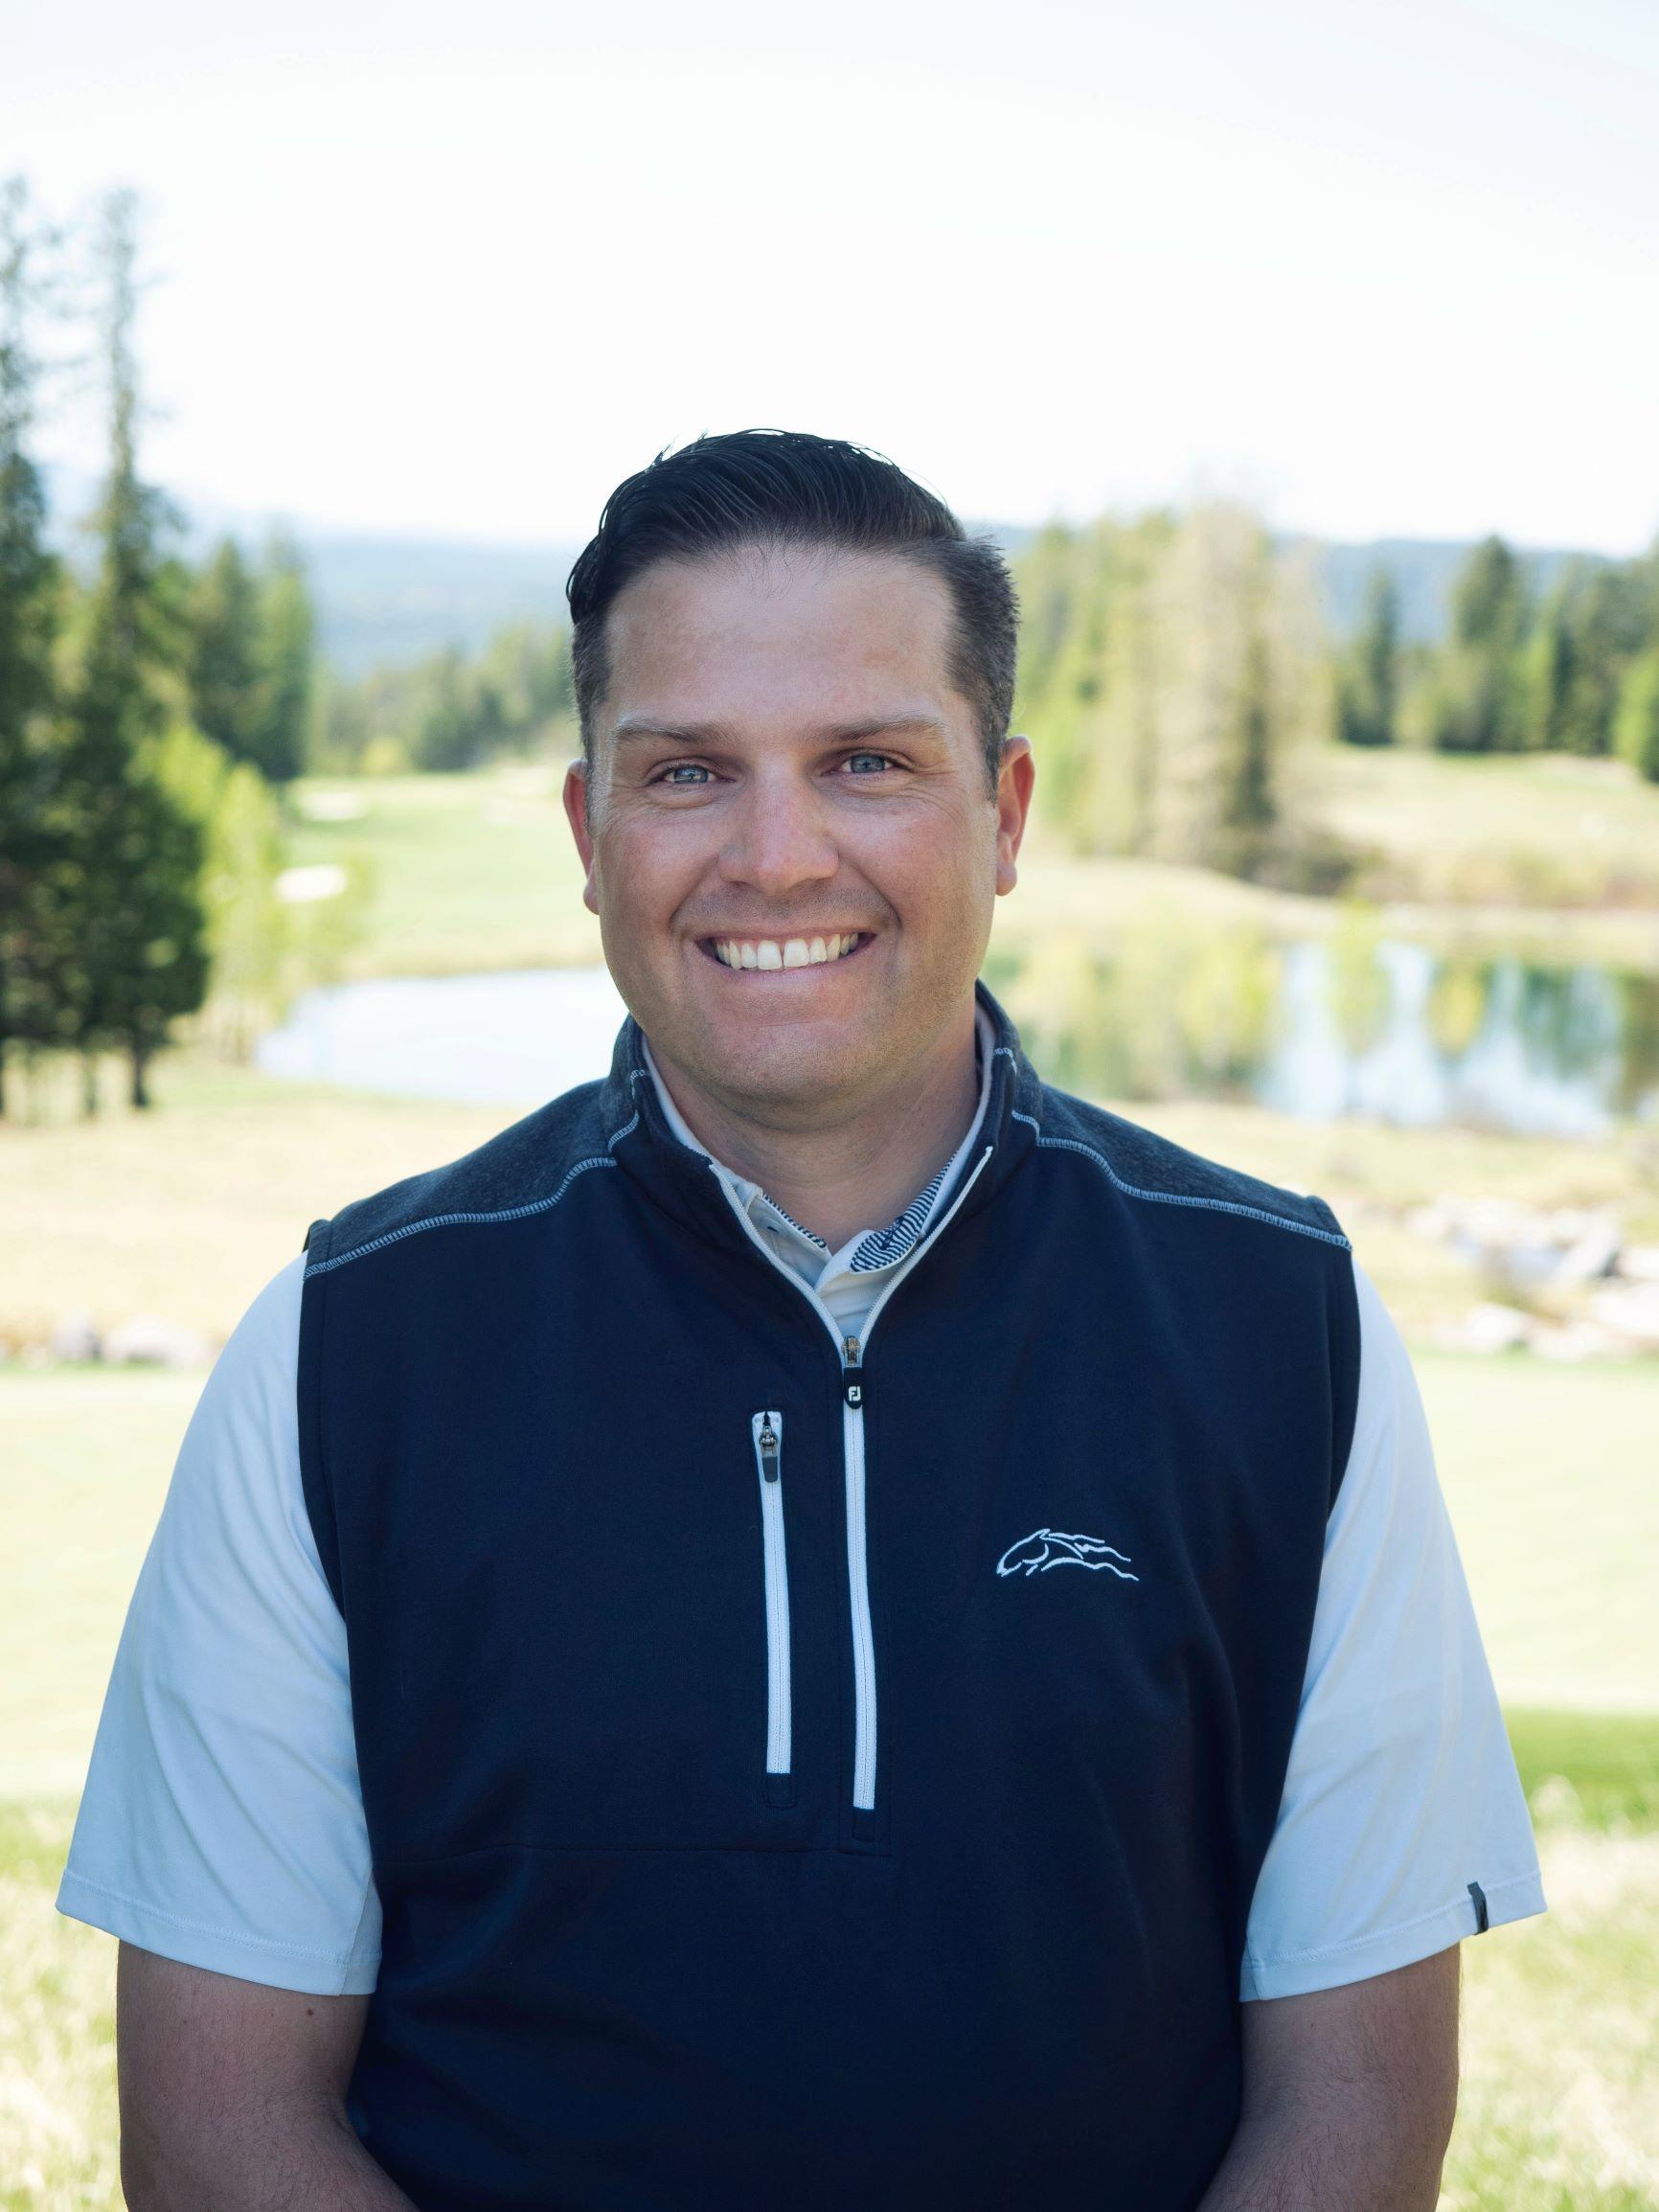 Steven Williams, PGA